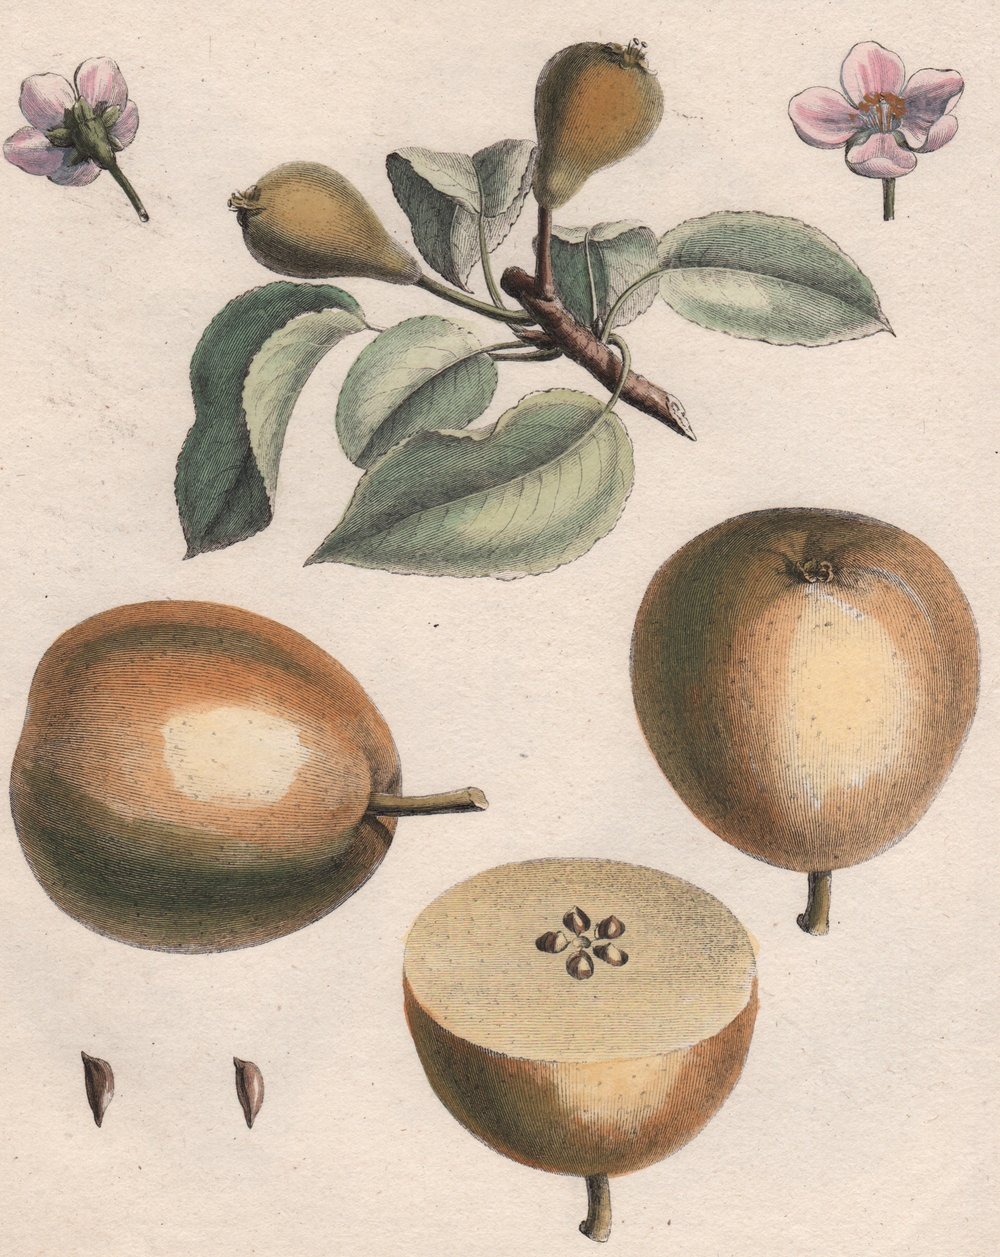 du Monceau, Henri-Louis Duhamel